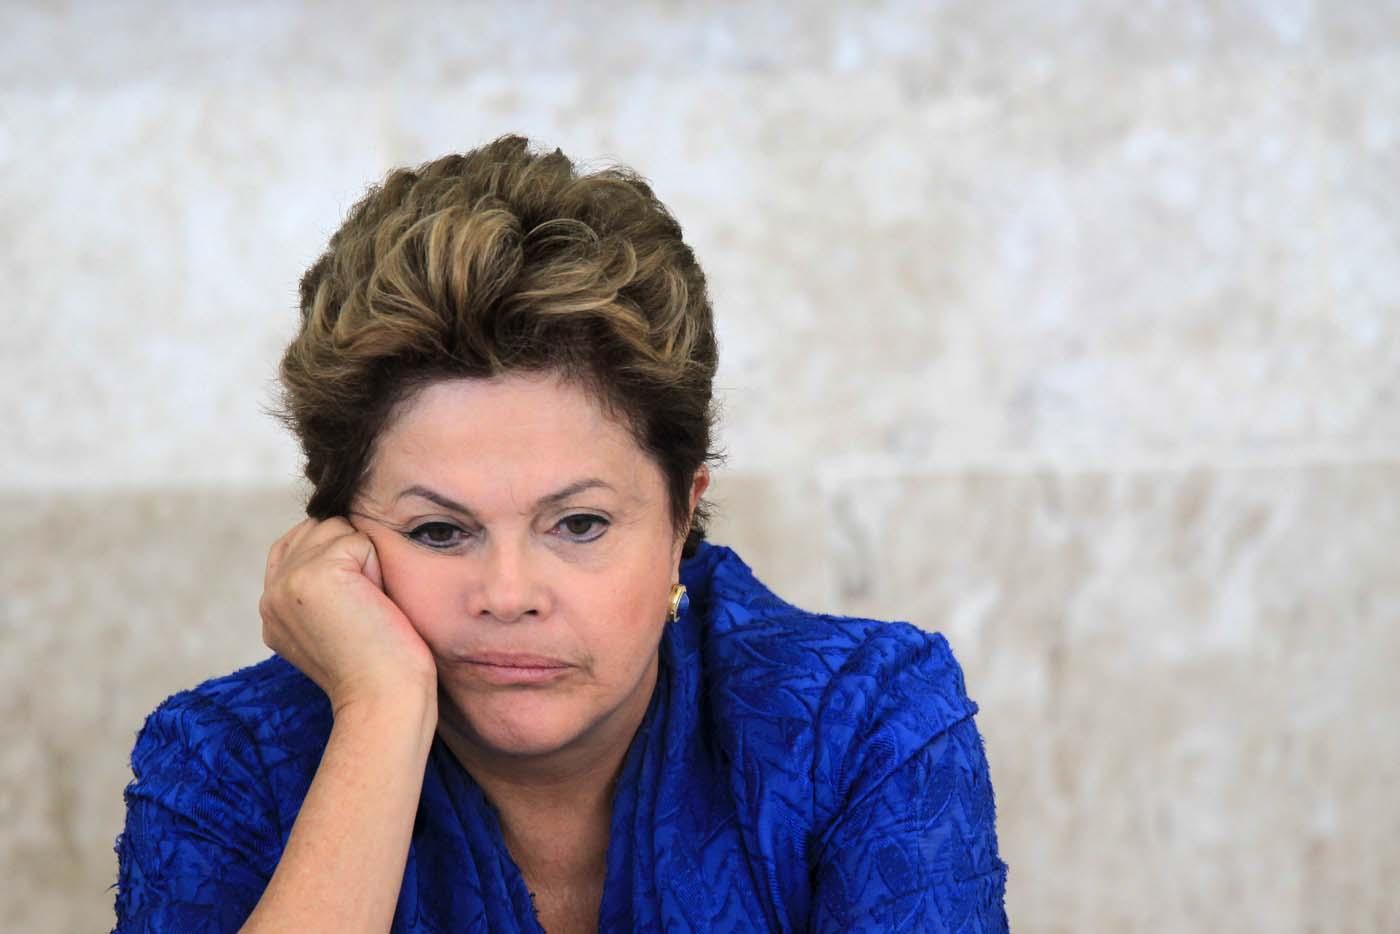 La presidenta de Brasil, Dilma Rousseff, durante una reunión en Brasilia, Brasil. 5 de junio de 2013. El presidente en ejercicio de la Cámara de Diputados de Brasil, Waldir Maranhão, revocó la noche del lunes su propia decisión de anular la votación del proceso de juicio político contra la presidenta Dilma Rousseff en la cámara baja, el mismo día que anuló inesperadamente una votación clave del proceso. REUTERS/Ueslei Marcelino